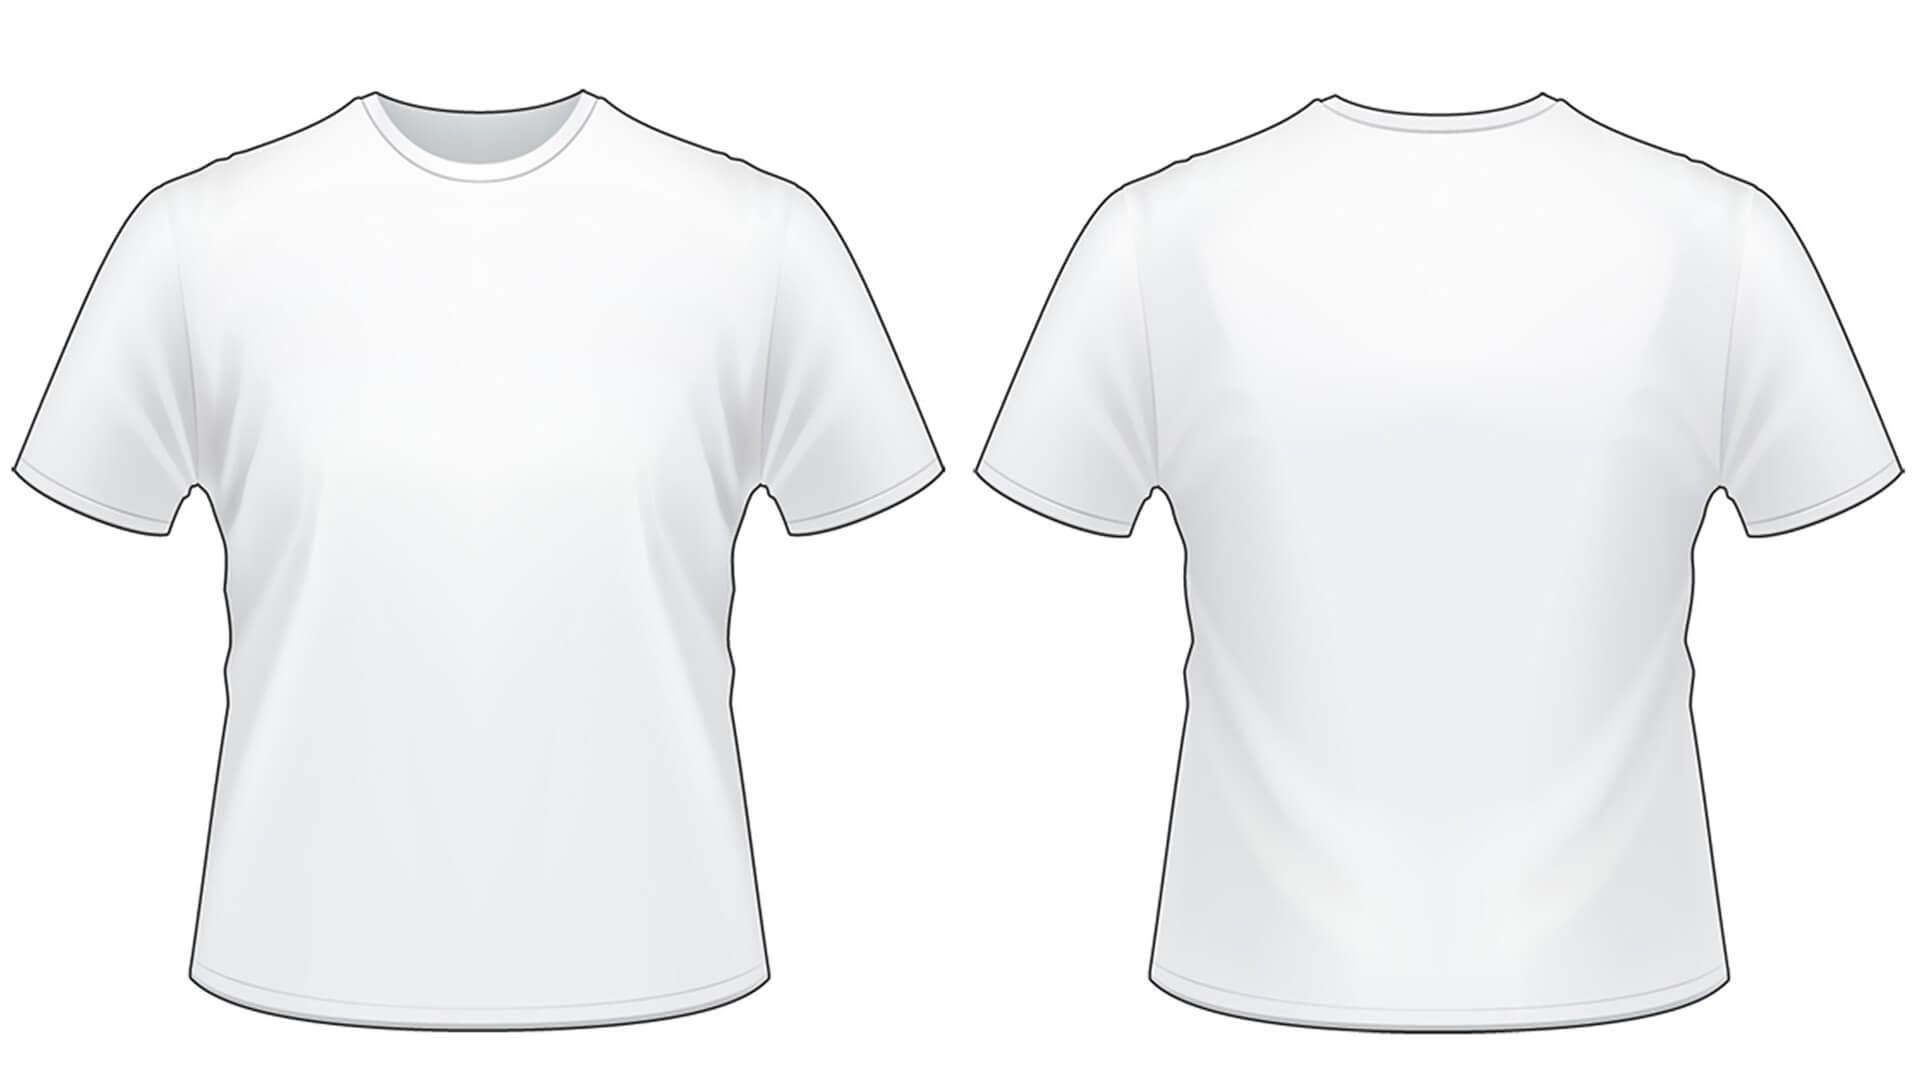 Blank Tshirt Template Worksheet In Png | Download | T Shirt In Printable Blank Tshirt Template